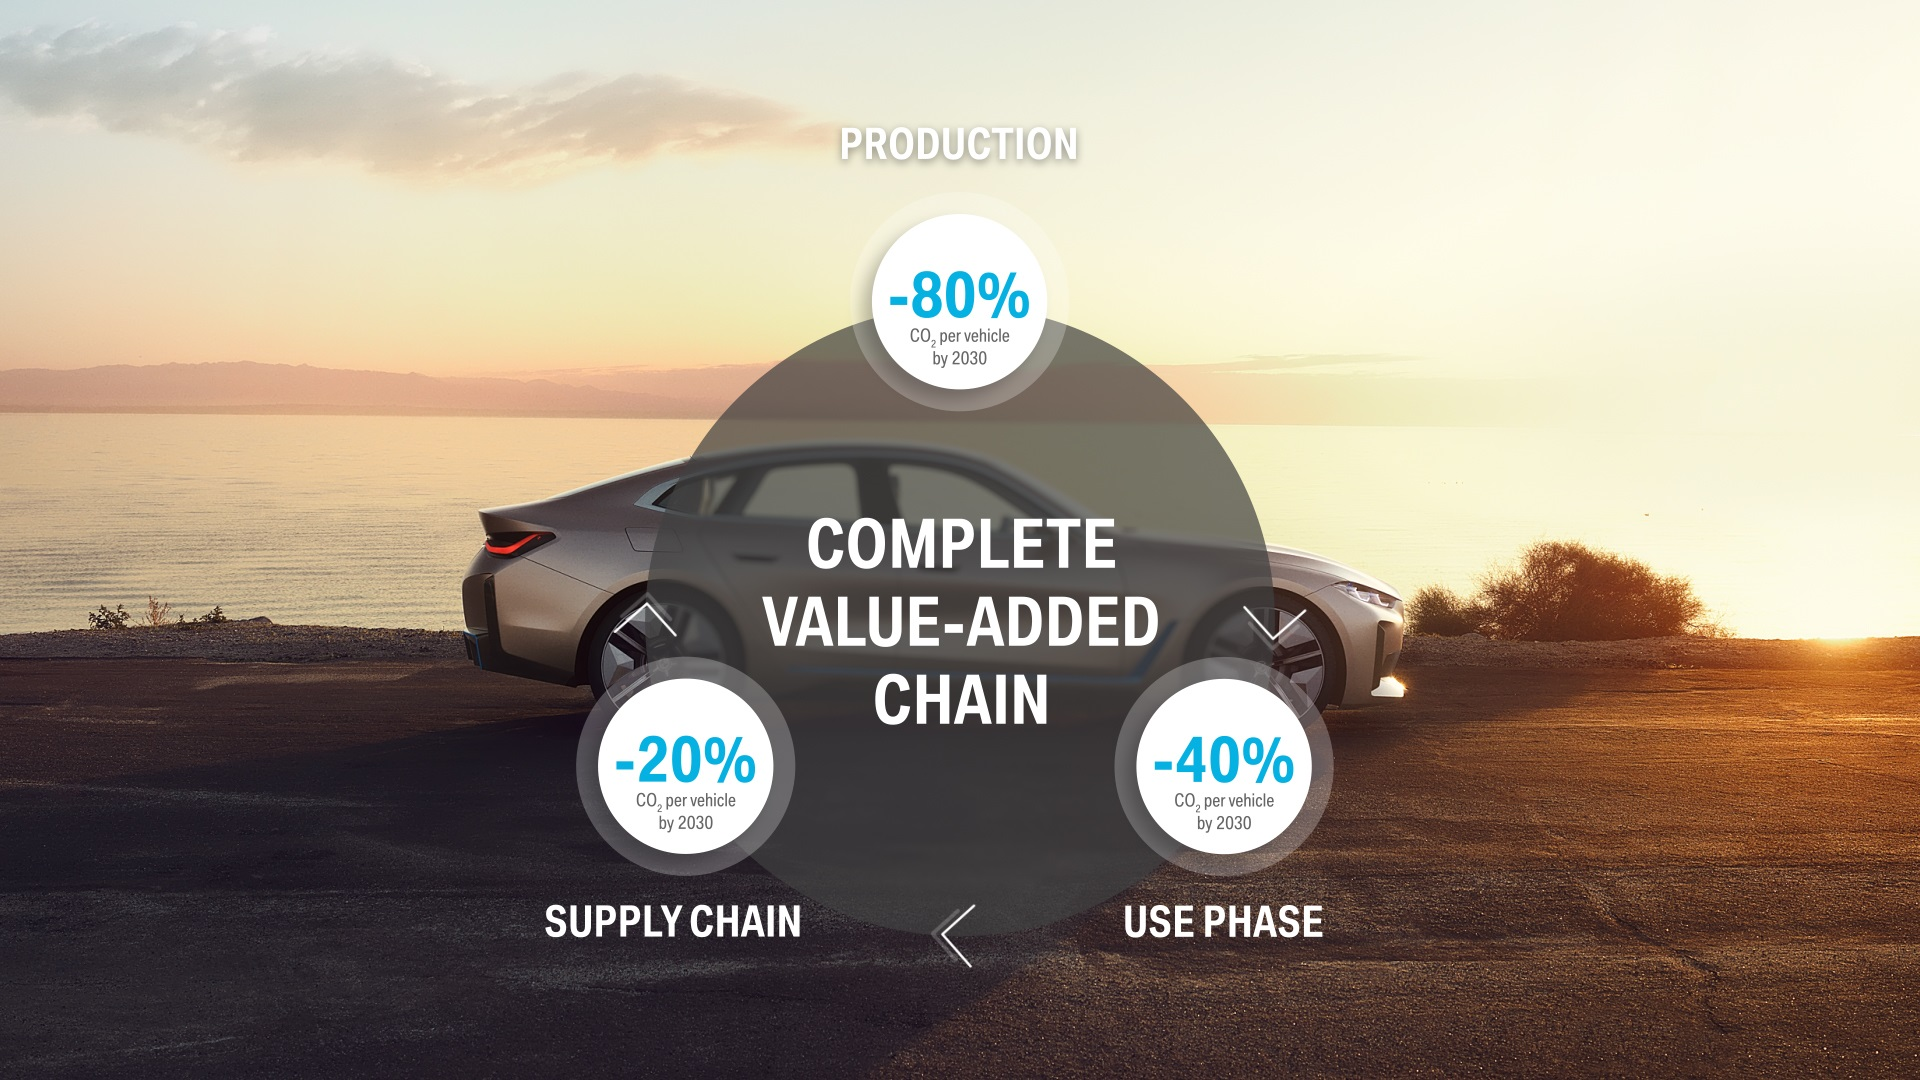 Non c'è premium senza responsabilità: sostenibilità e l'efficiente gestione delle risorse al centro della strategia BMW Group.